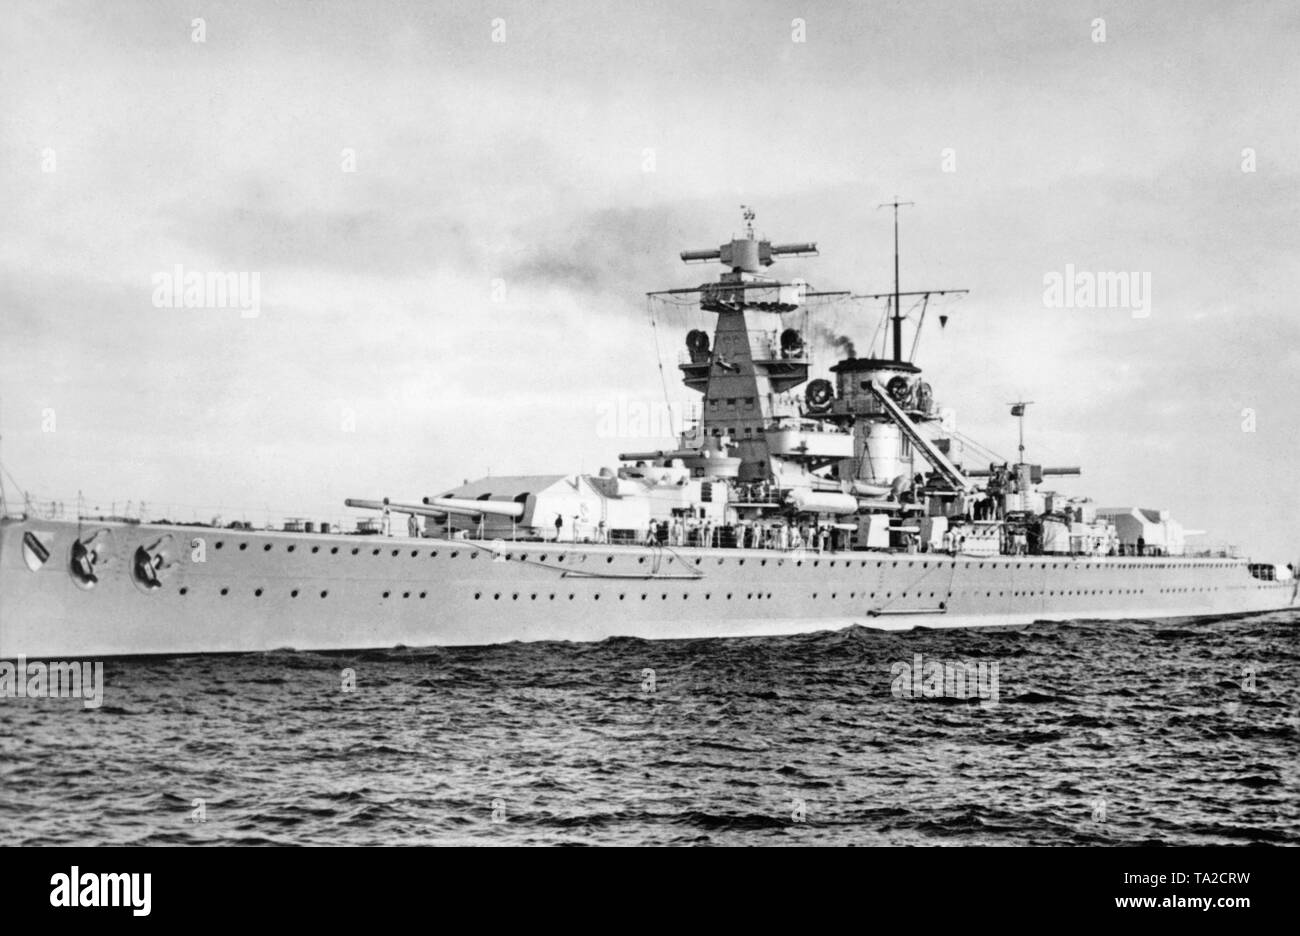 Im Herbst 1940 die Deutsche cruiser Deutschland umbenannt wurde Luetzow (nach dem preußischen General Adolf von Luetzow) und als schwere Kreuzer. Es nahmen an der Besetzung Norwegens im April 1940 nach einer Generalüberholung an der Danziger Werft. Die Brücke und die Aufbauten wurden komplett überarbeitet. Stockbild